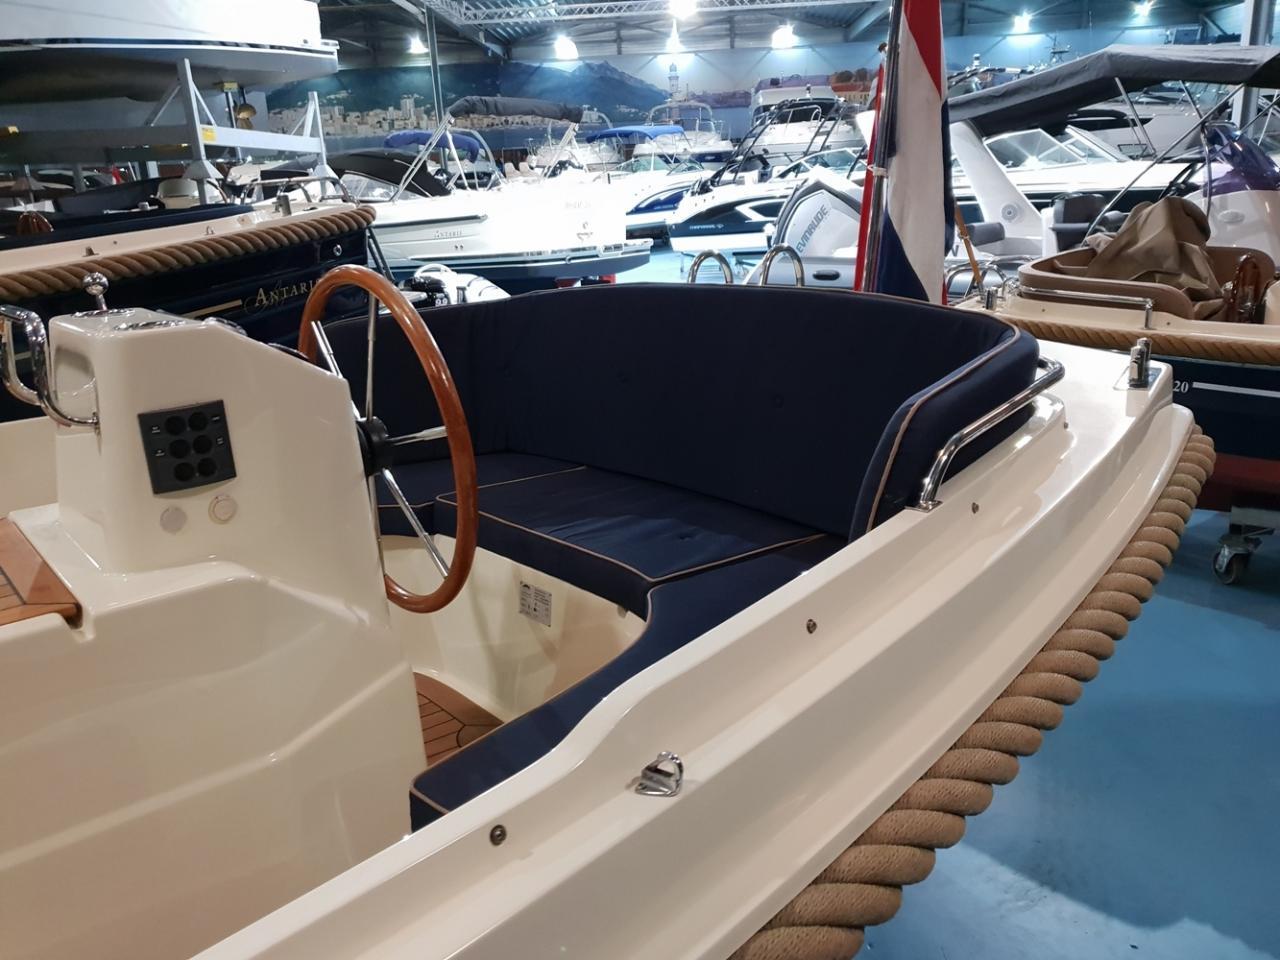 Interboat 19 met Vetus 28 pk 8